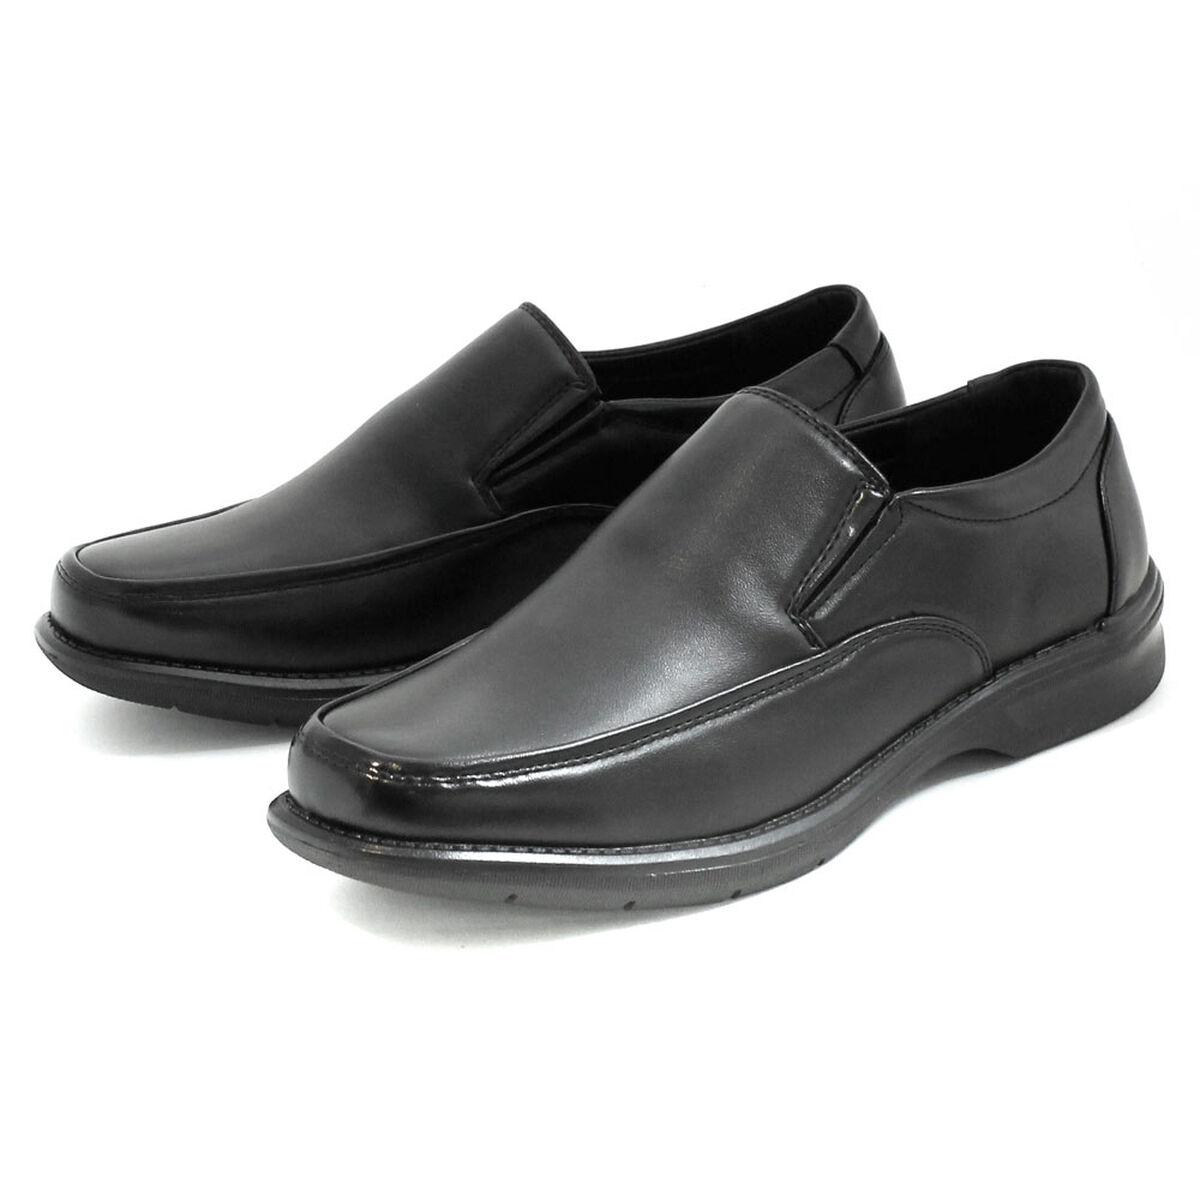 Zapato Hombre Franco Orselli